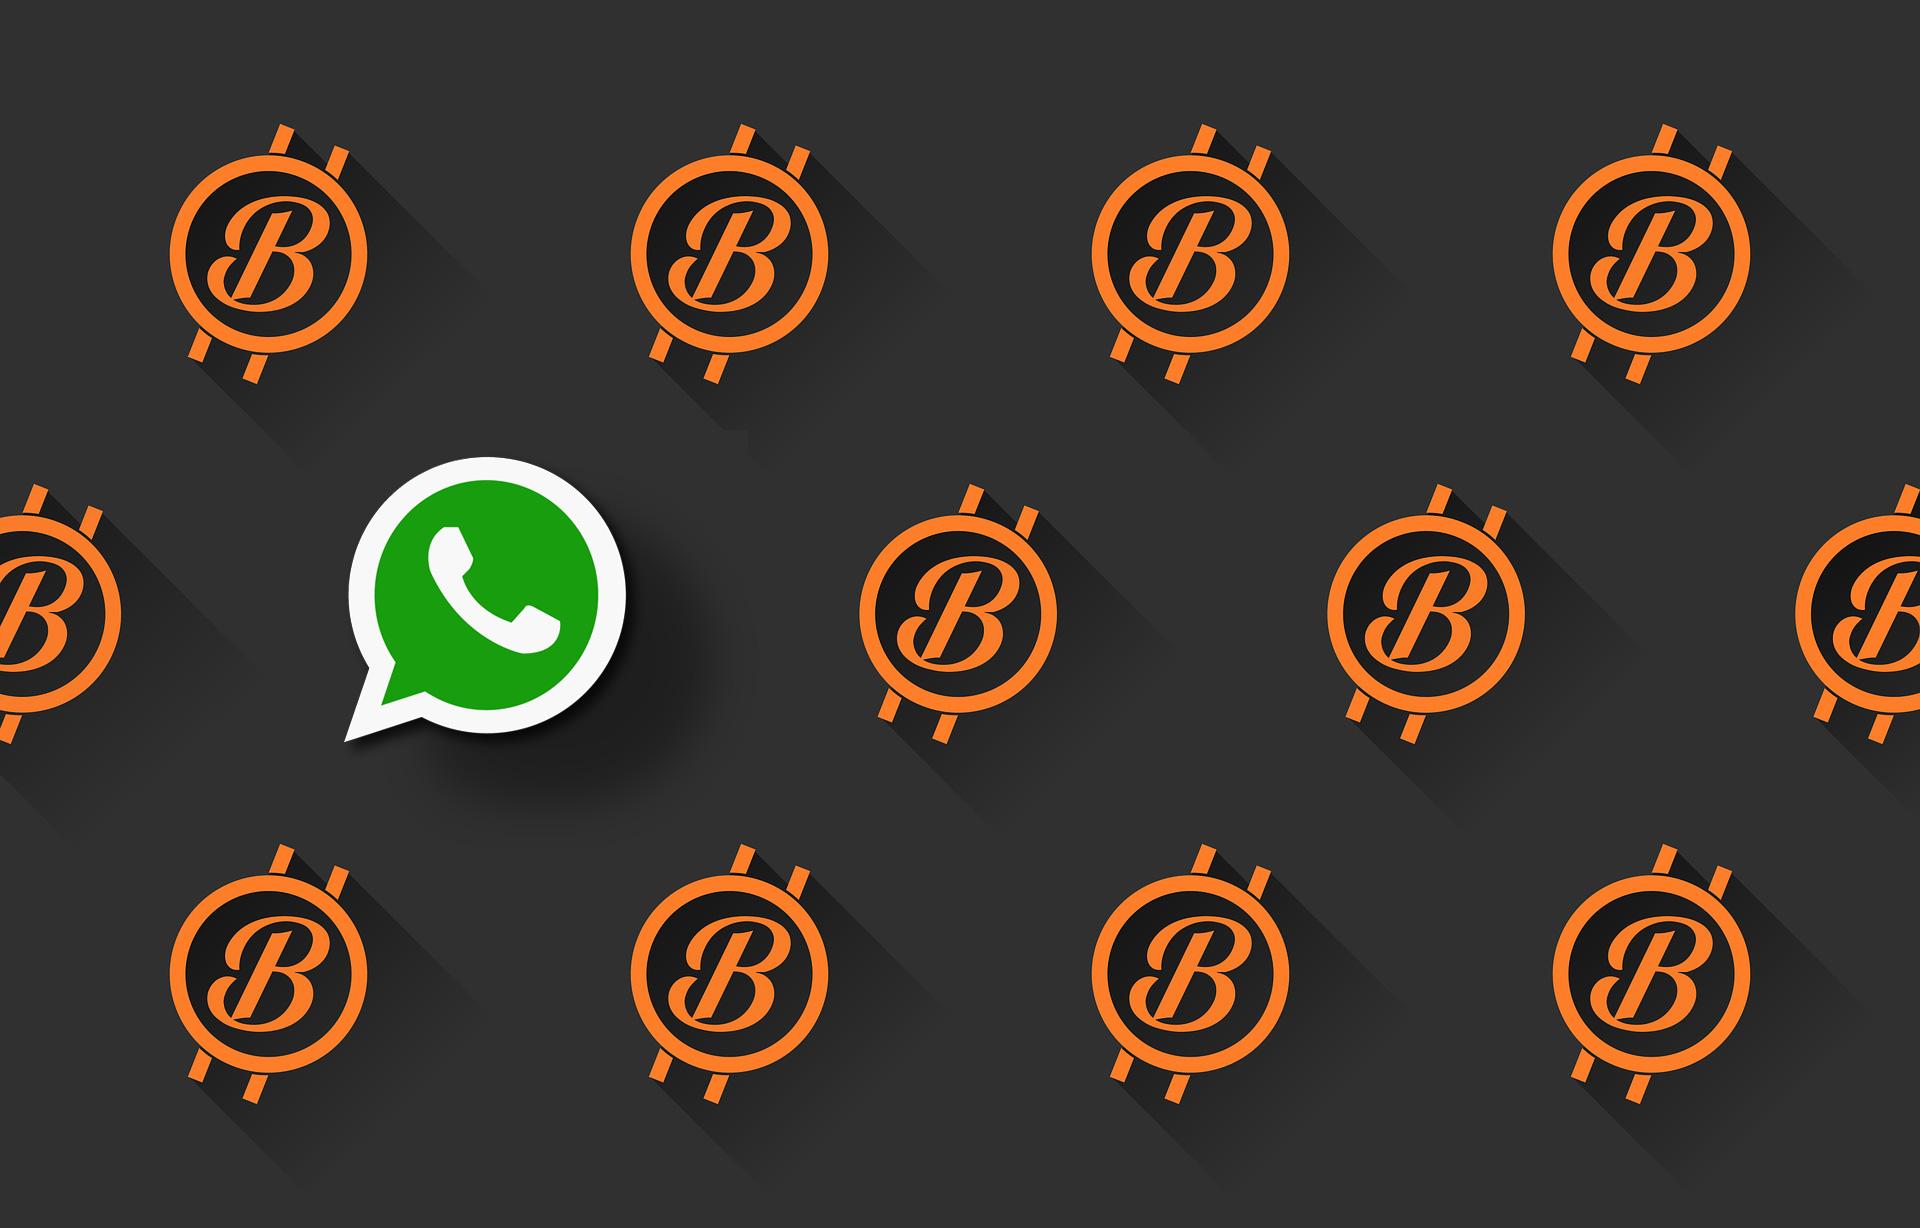 WhatsApp: Kommt eine eigene Kryptowährung?